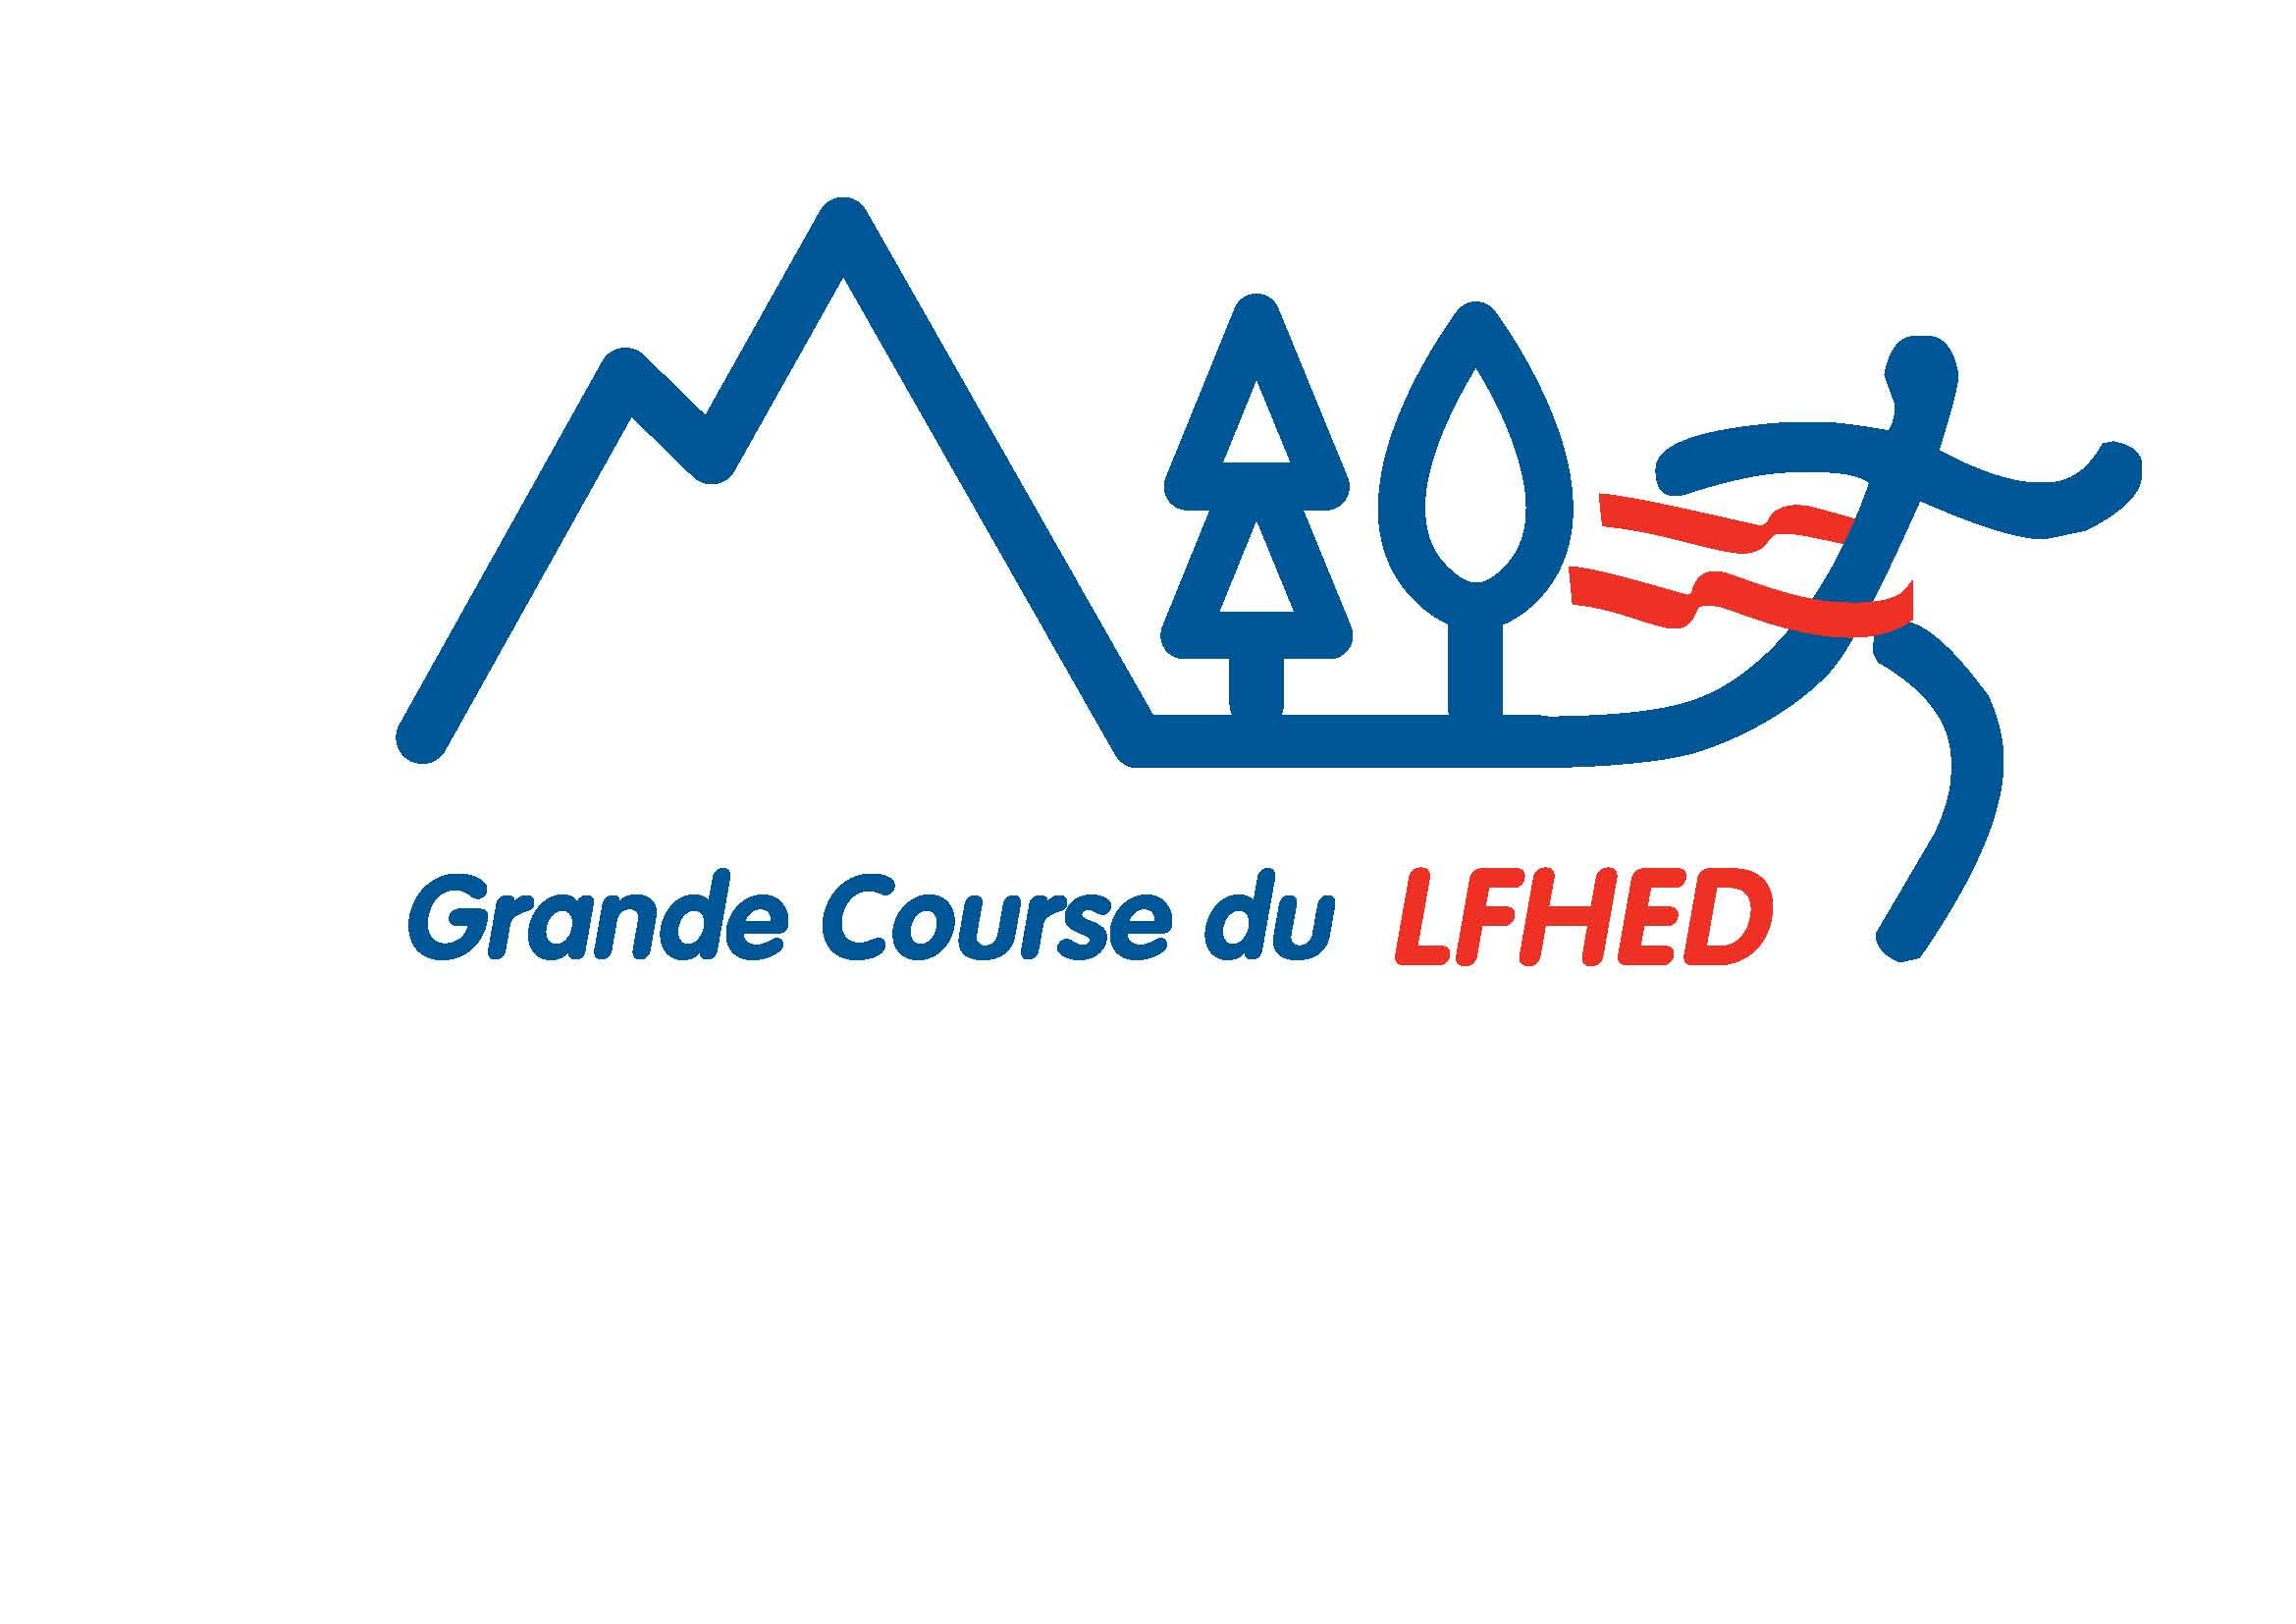 Bientôt la Grande Course du LFHED 2019